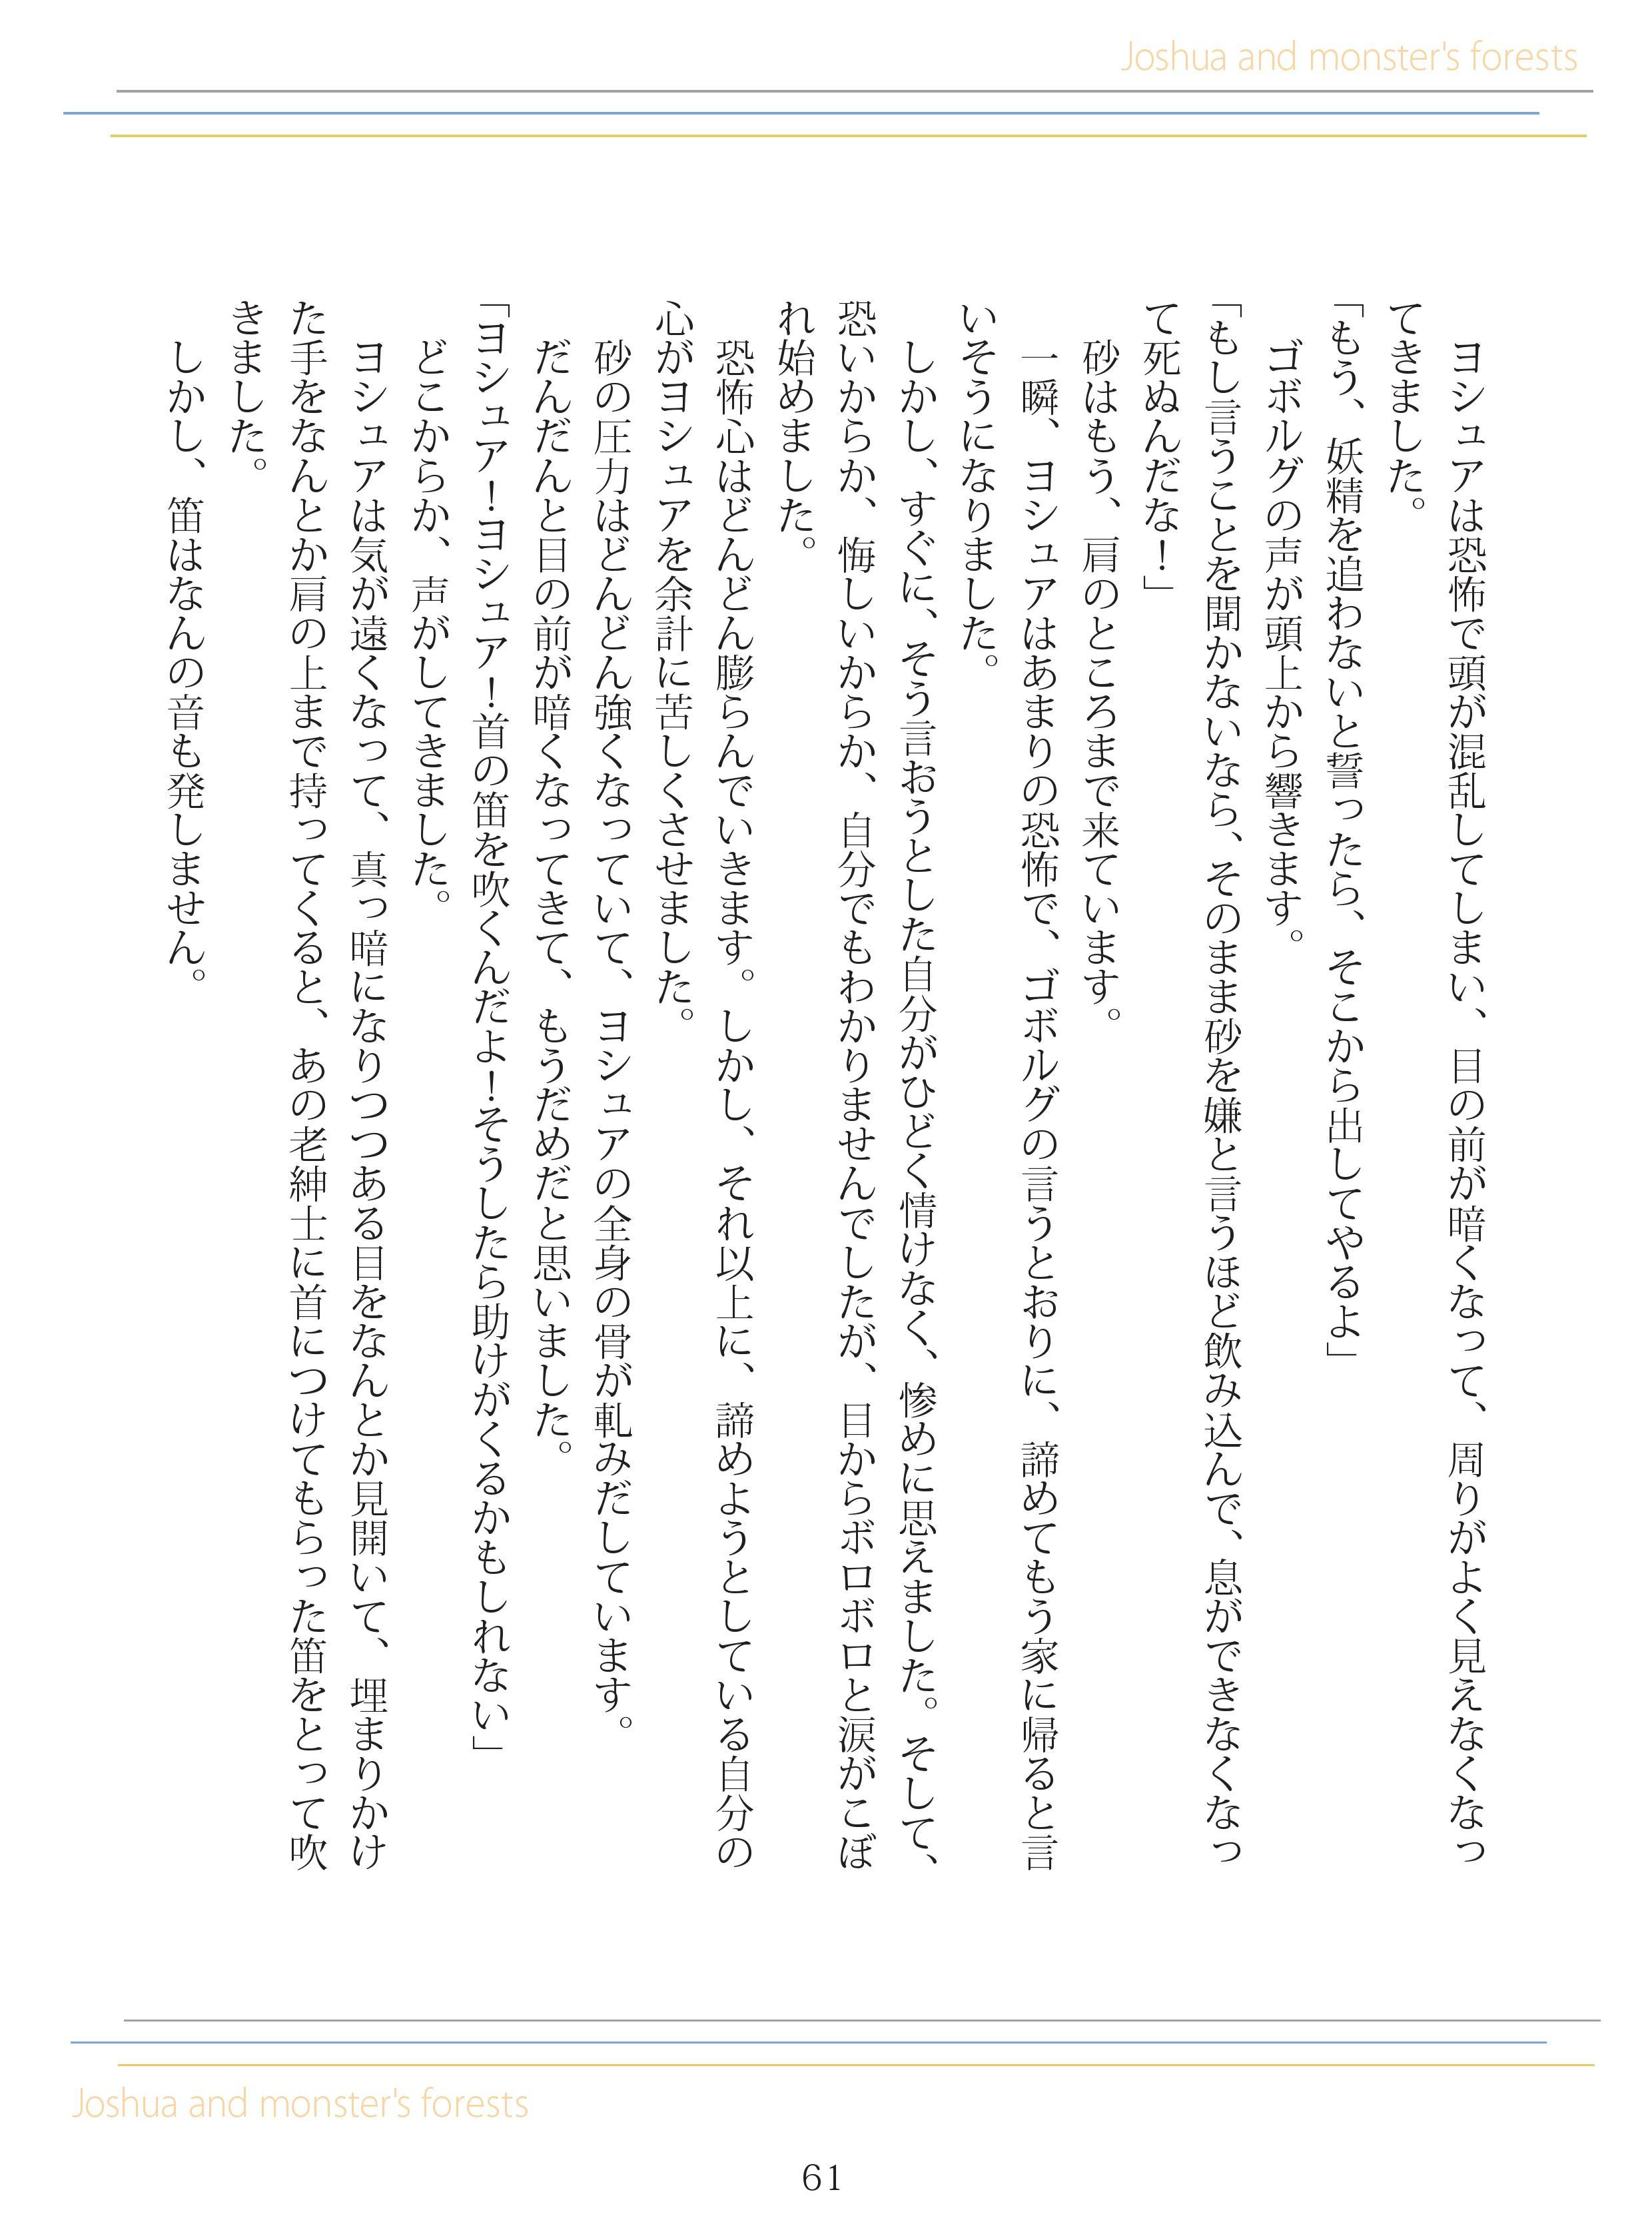 image_062